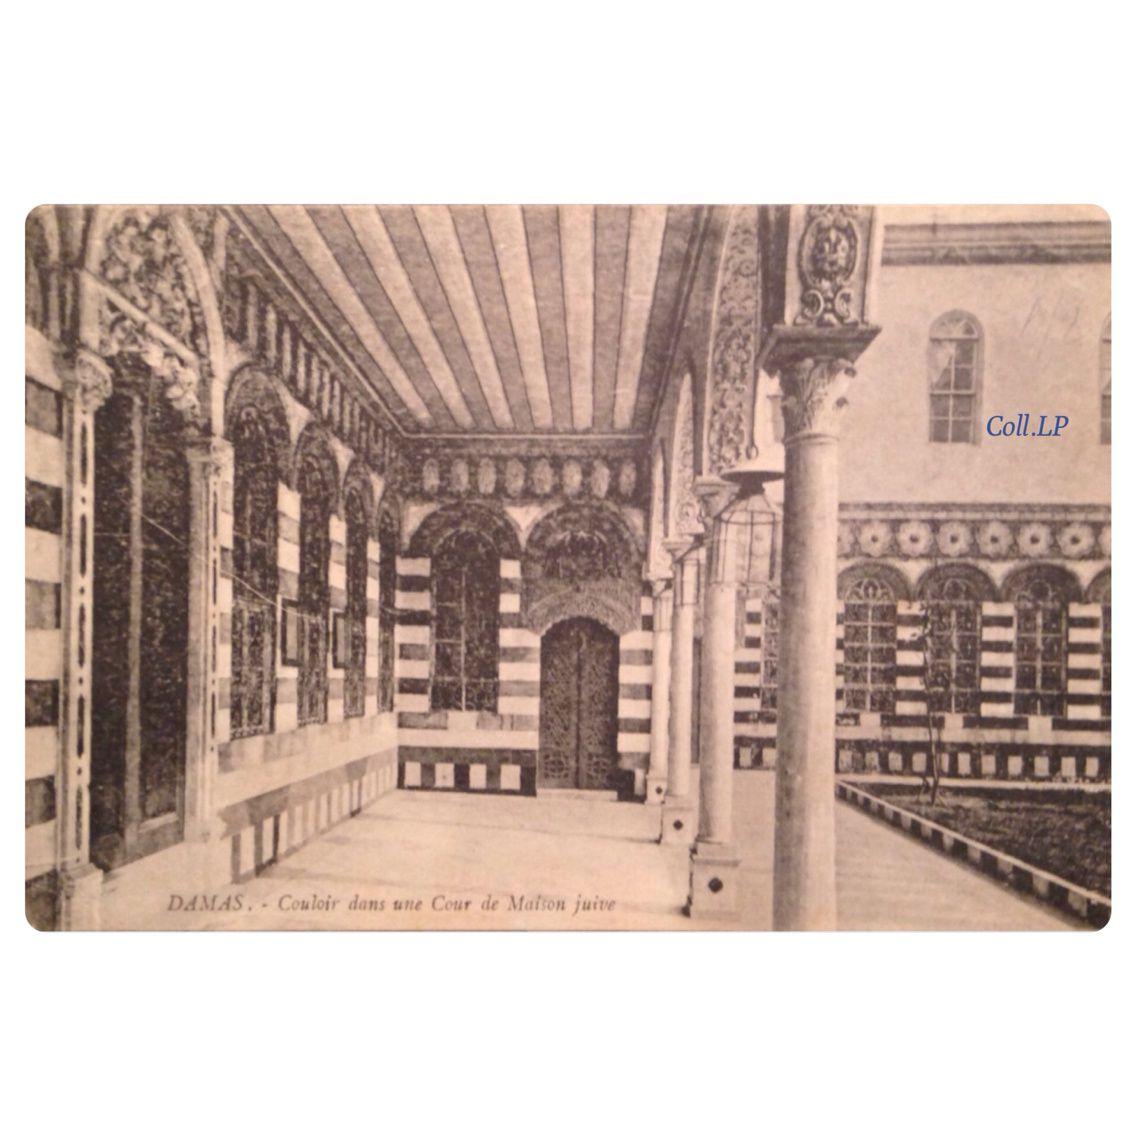 Damas. Les intérieurs des maisons Juives Stambouli et Chamahayah